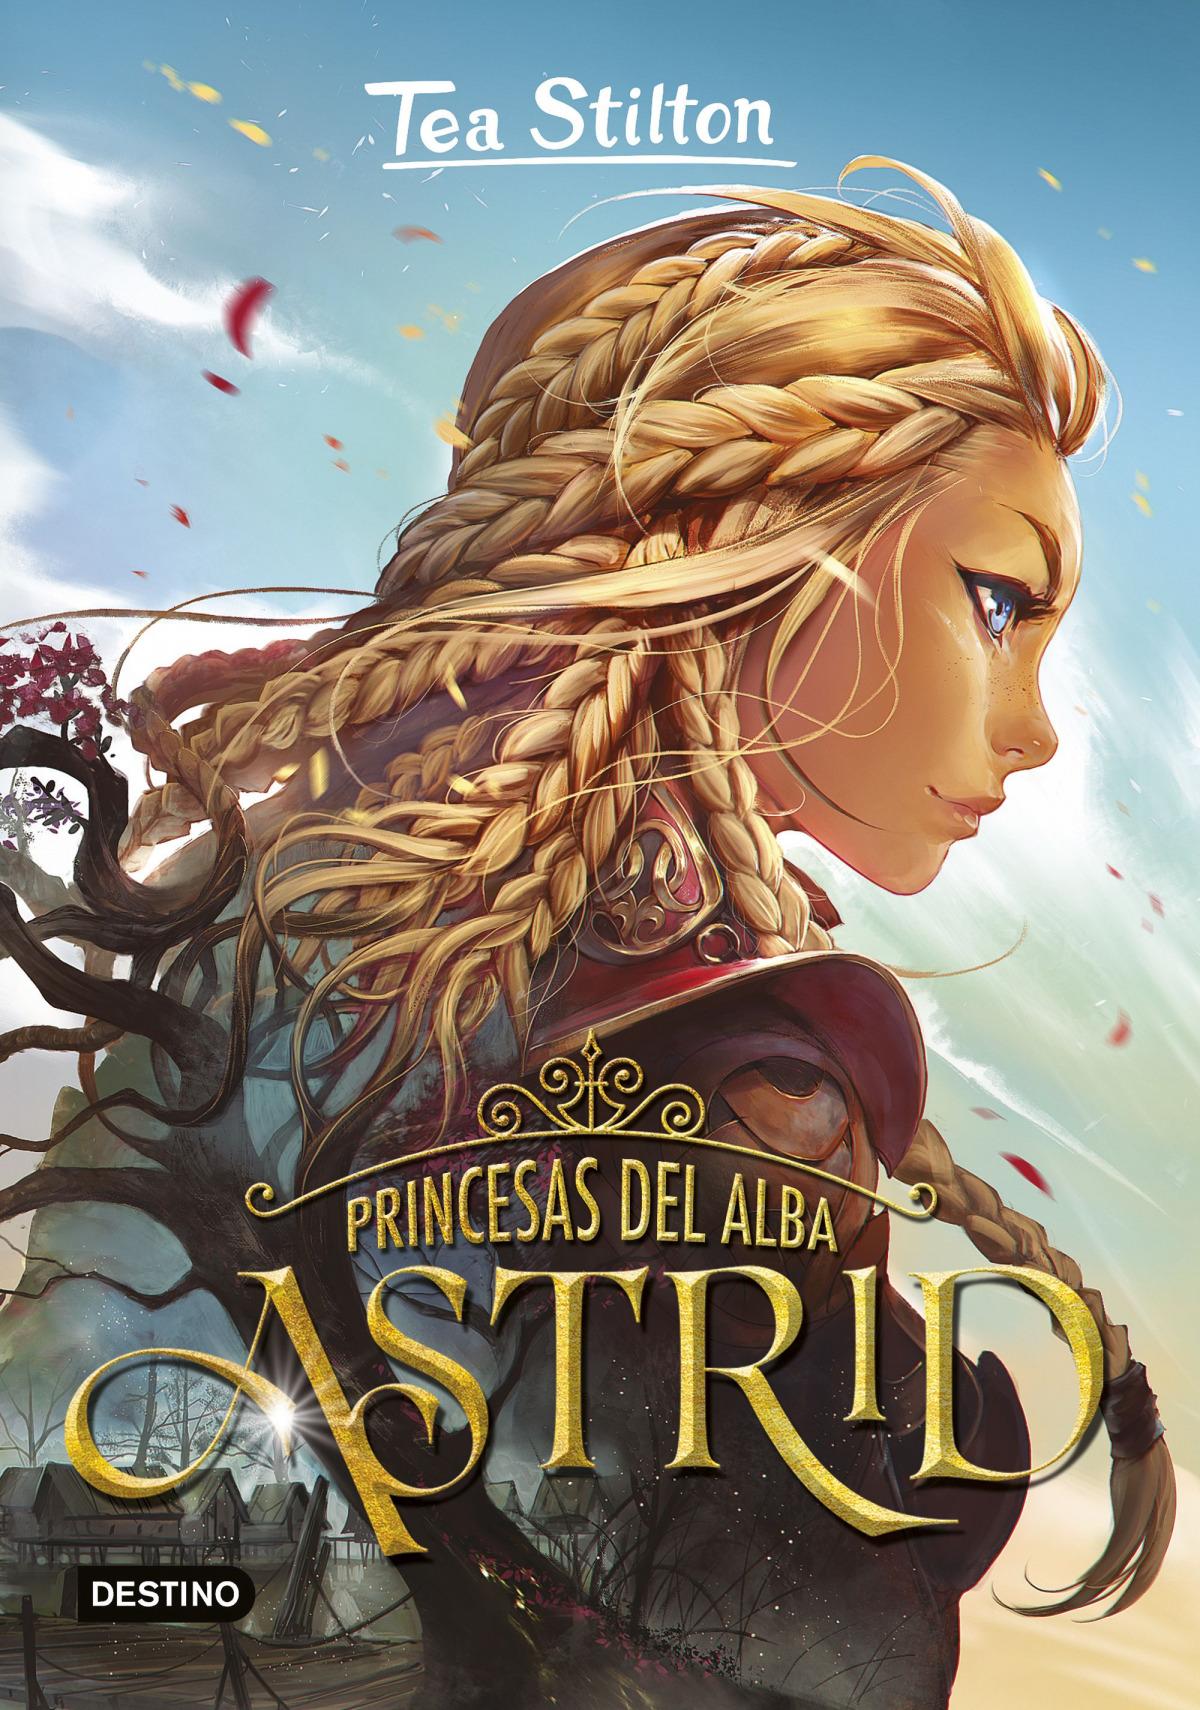 Princesas del alba. Astrid